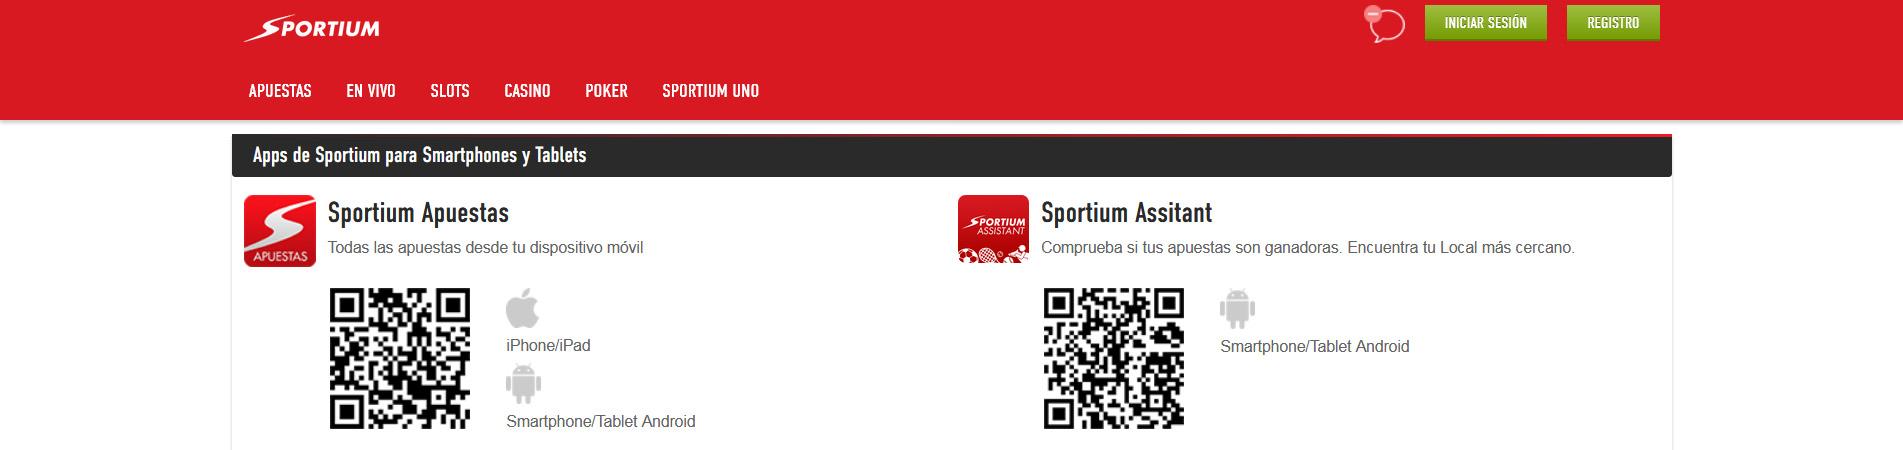 APP Sportium